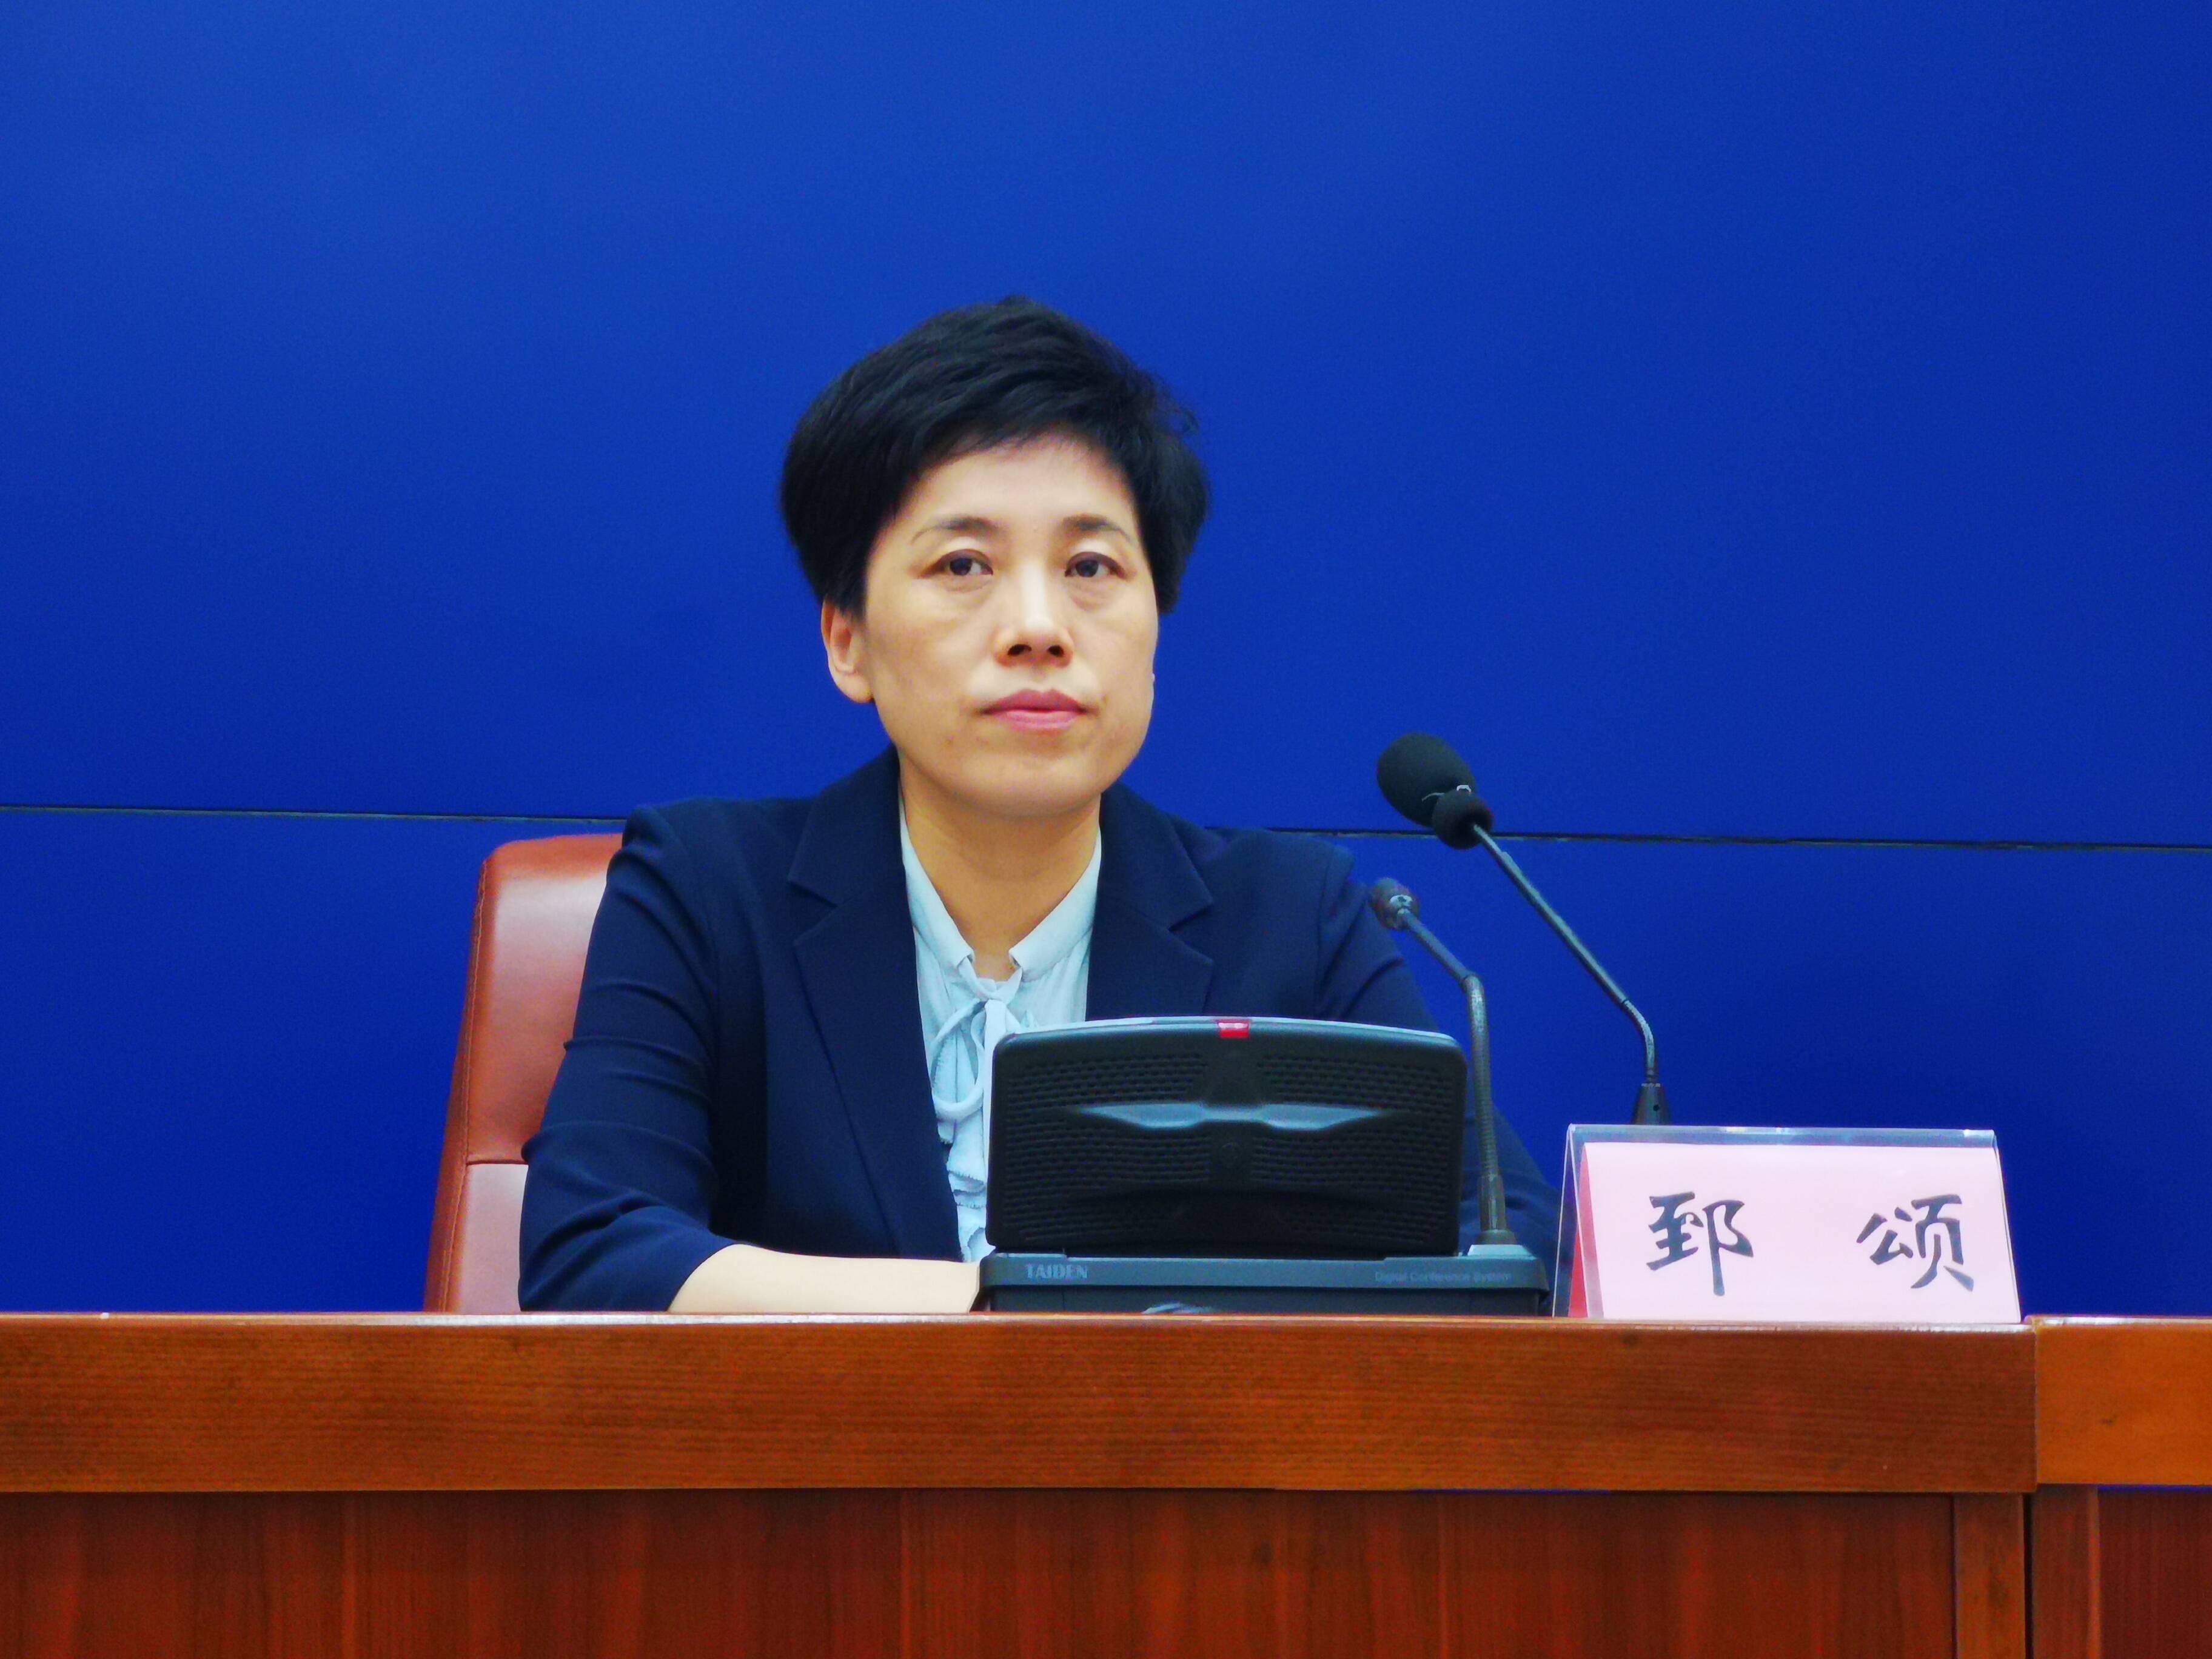 到2025年 济南市钢城区计划规模以上工业产值突破2000亿元